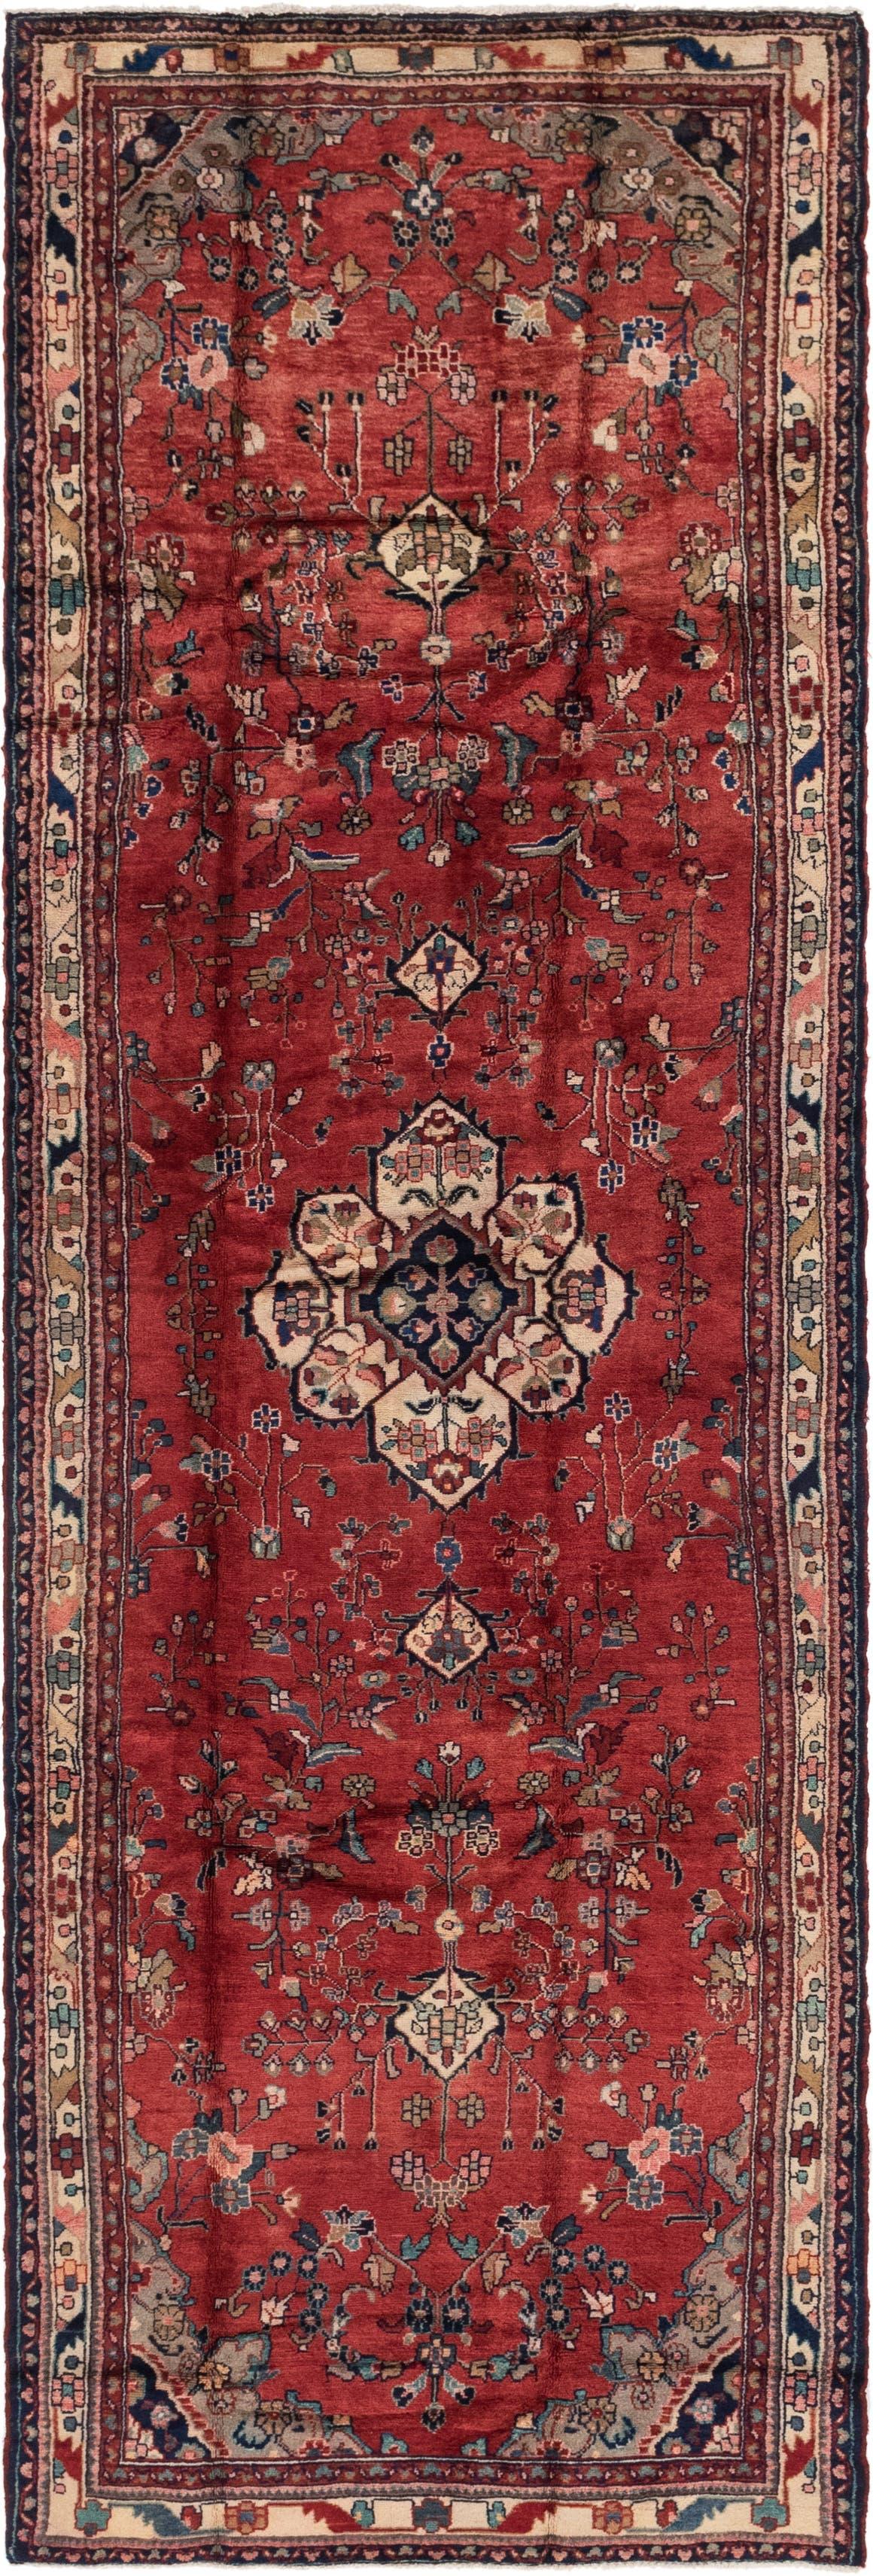 Red  4' 6 x 14' Khamseh Persian Runner